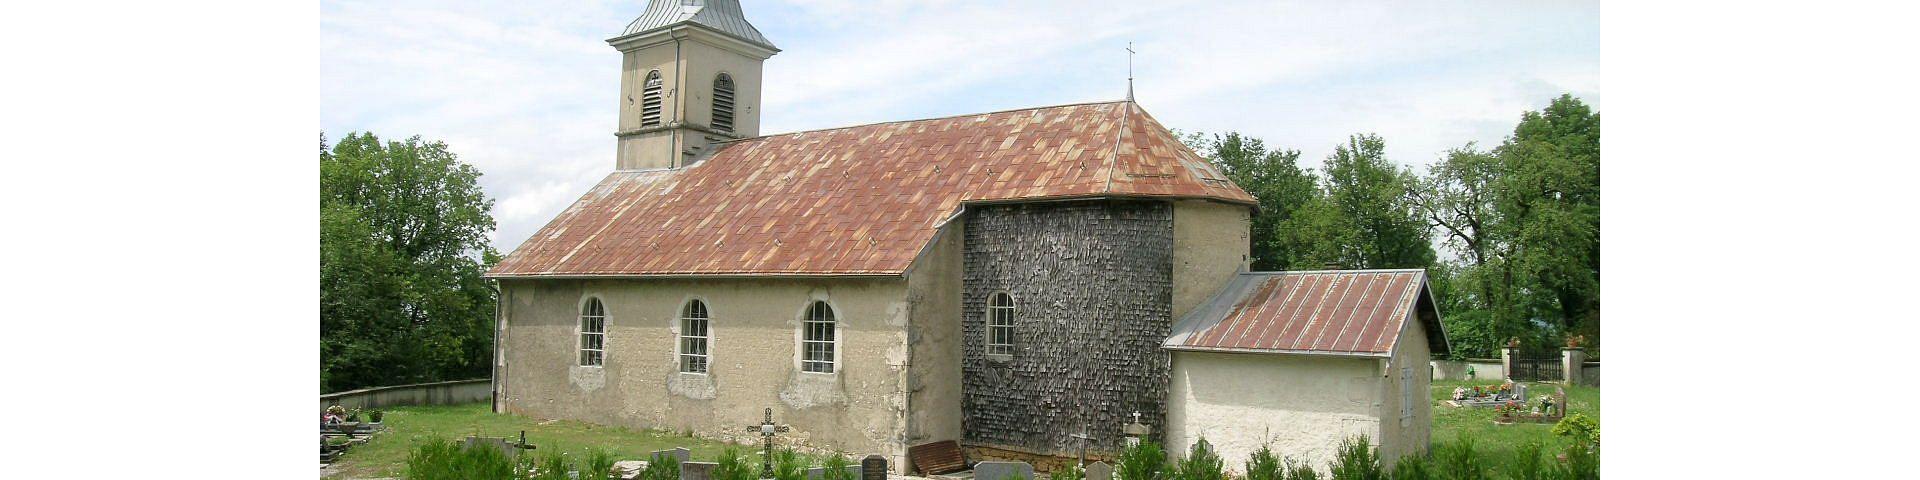 Larrivoire-Eglise (39)